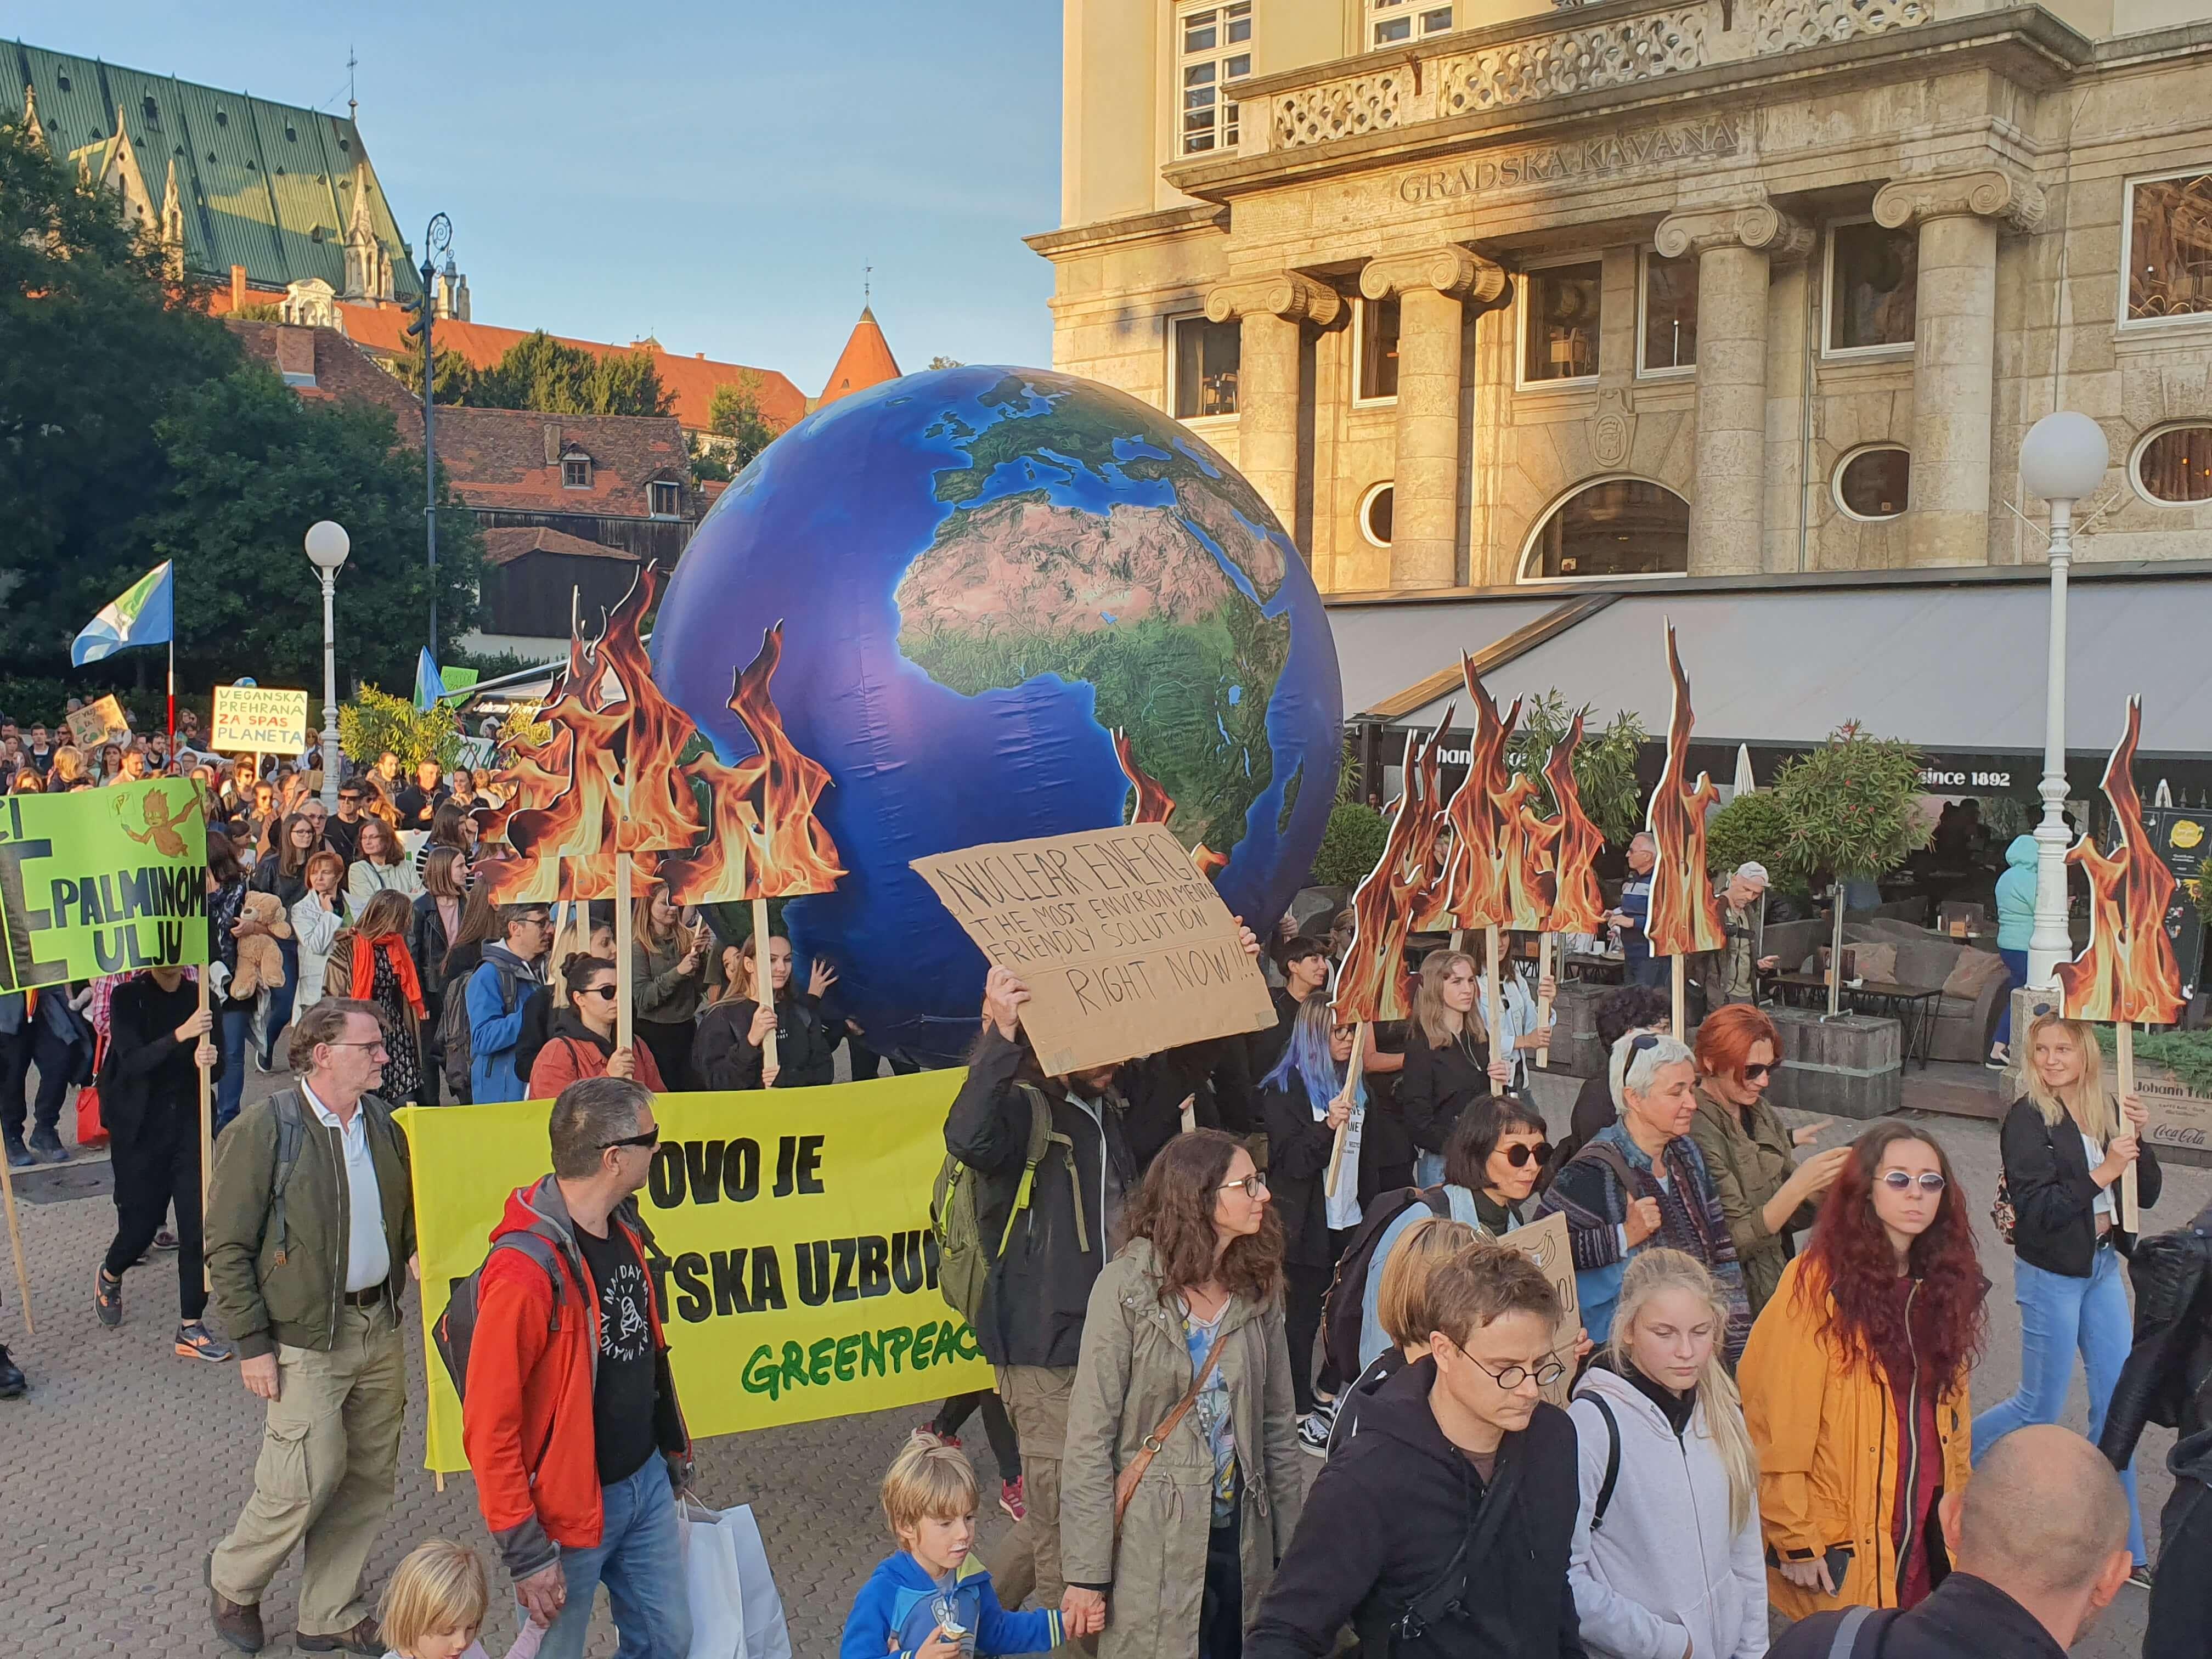 Dok drugi bježe s nastave, ova škola učenike vodi na prosvjed za klimu